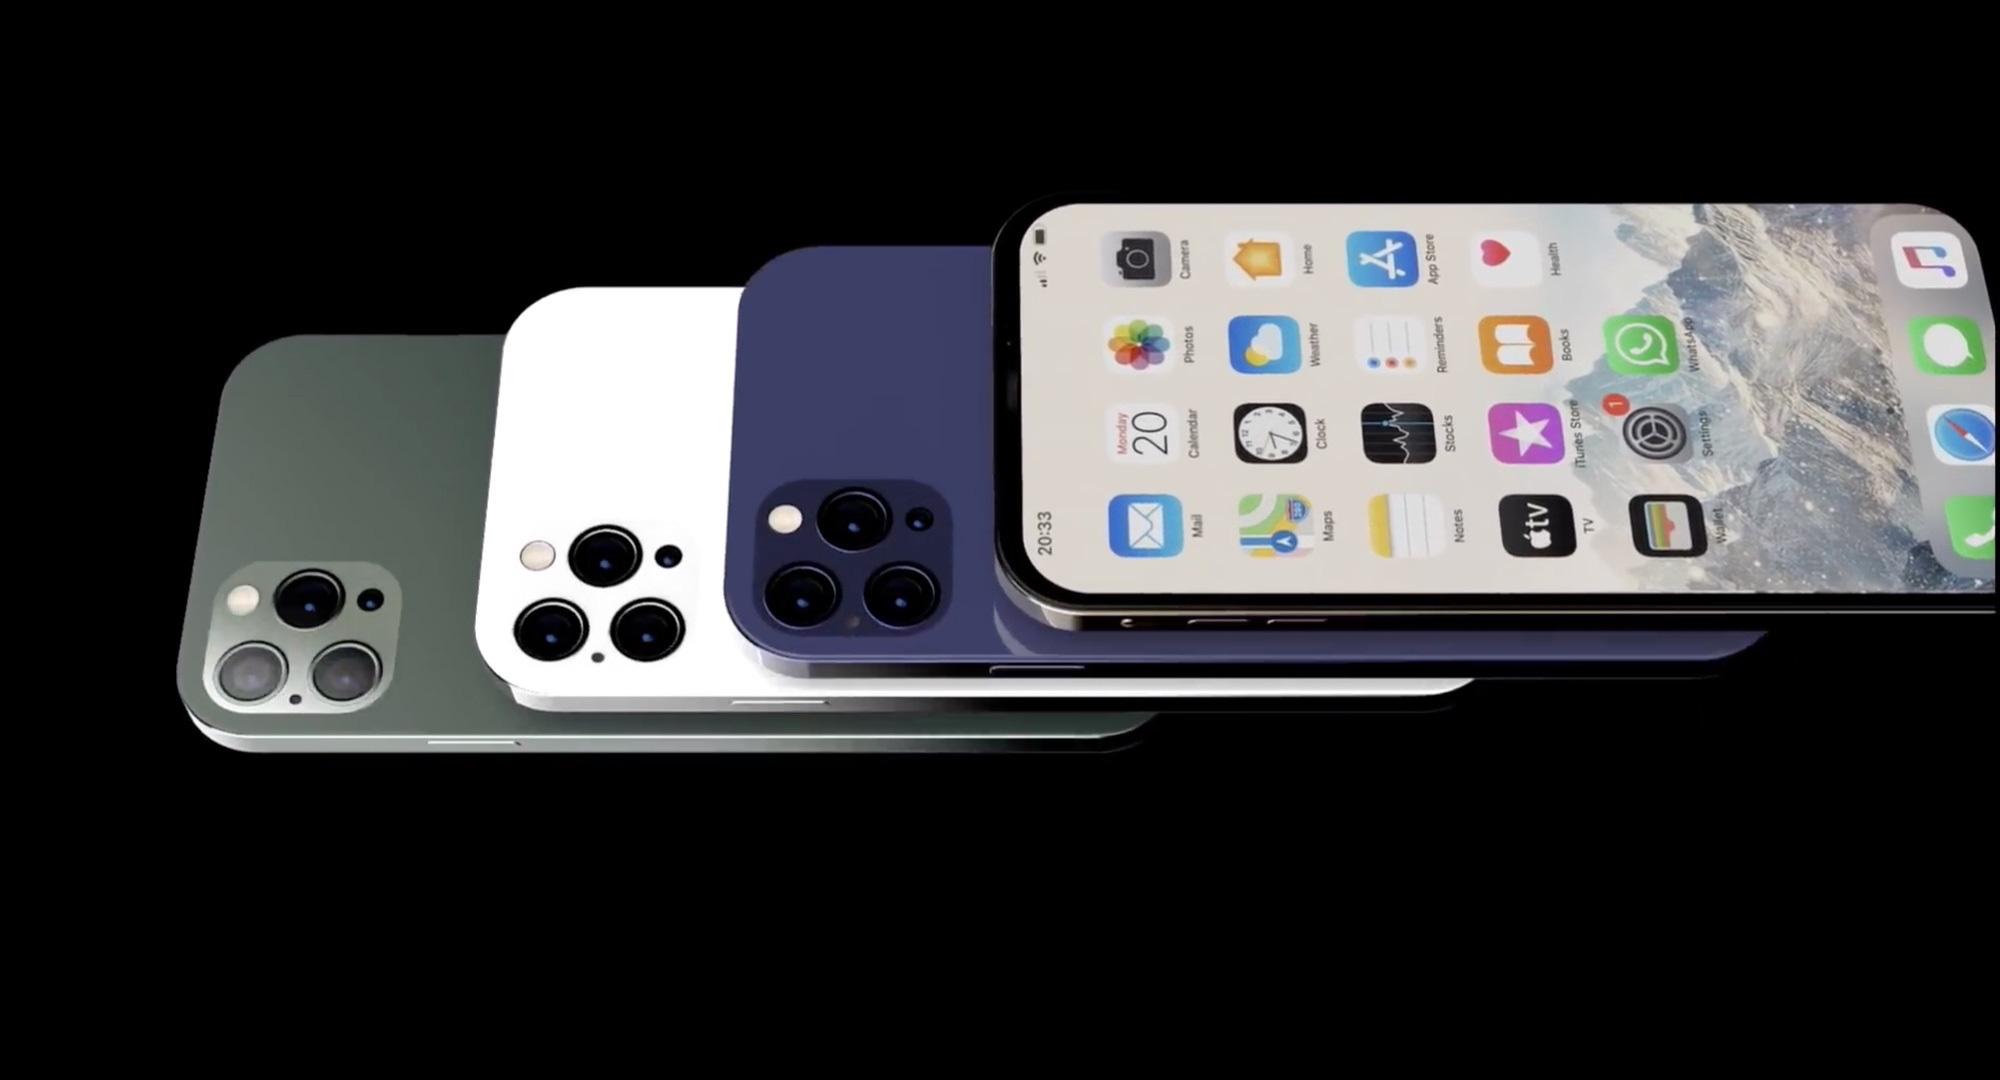 iPhone 12 sẽ kết hợp thiết kế của iPad Pro và iPhone 5 - Ảnh 2.